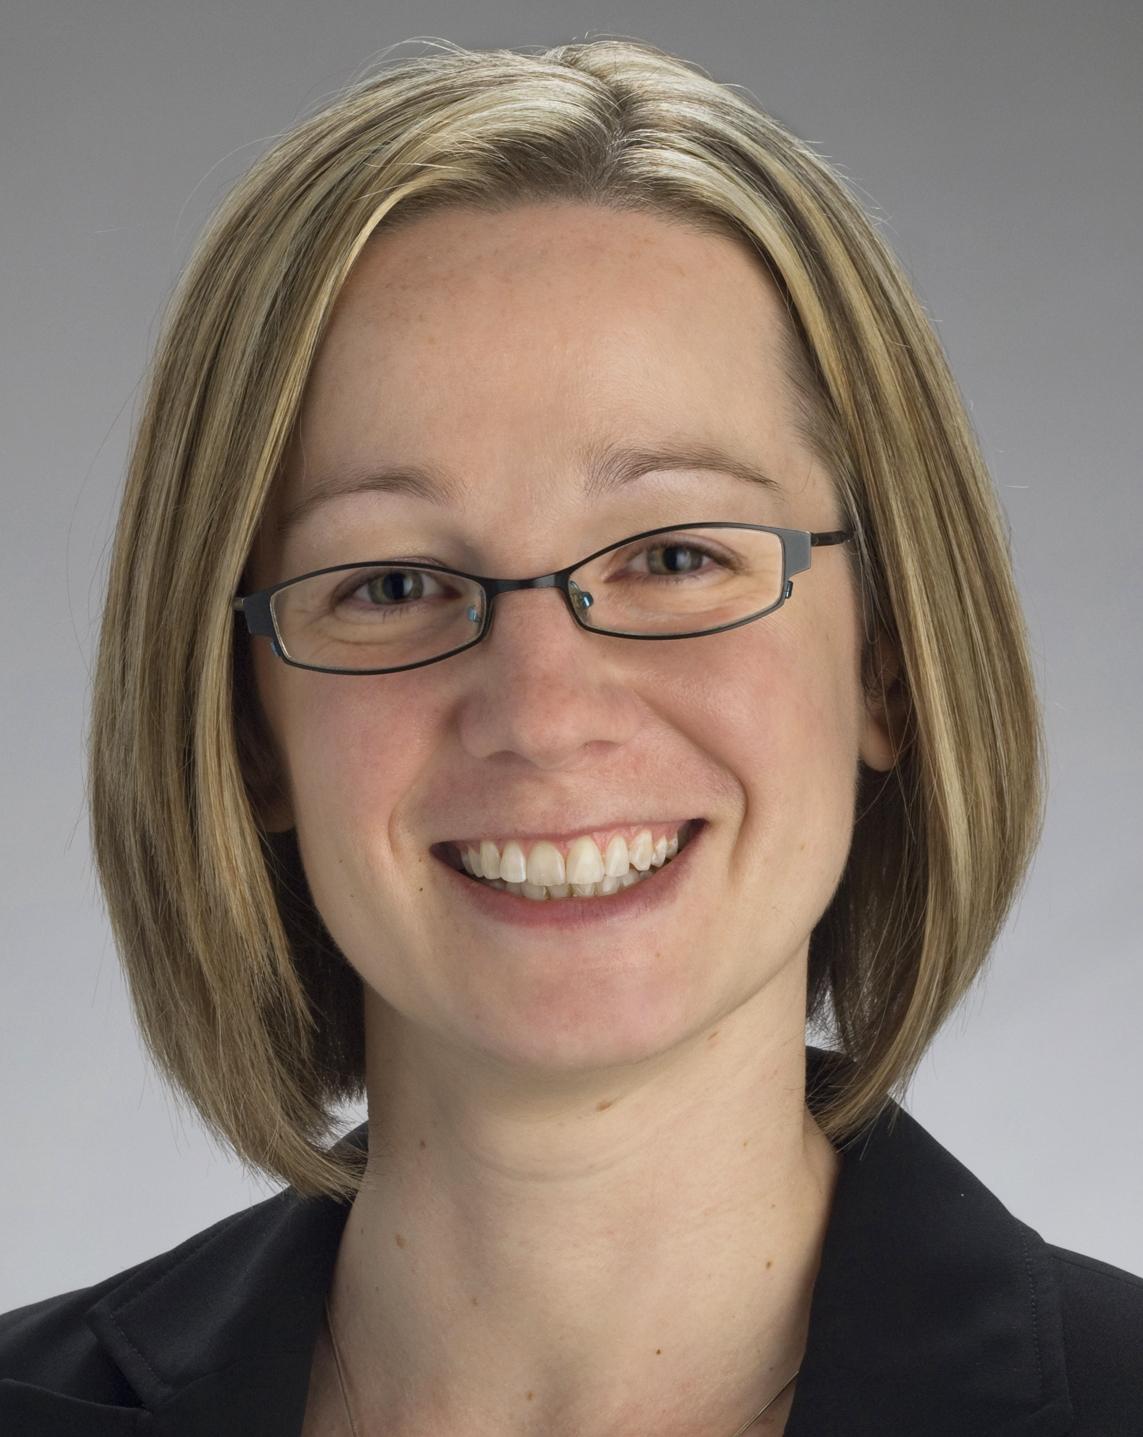 Dr. Katie Siengsukon